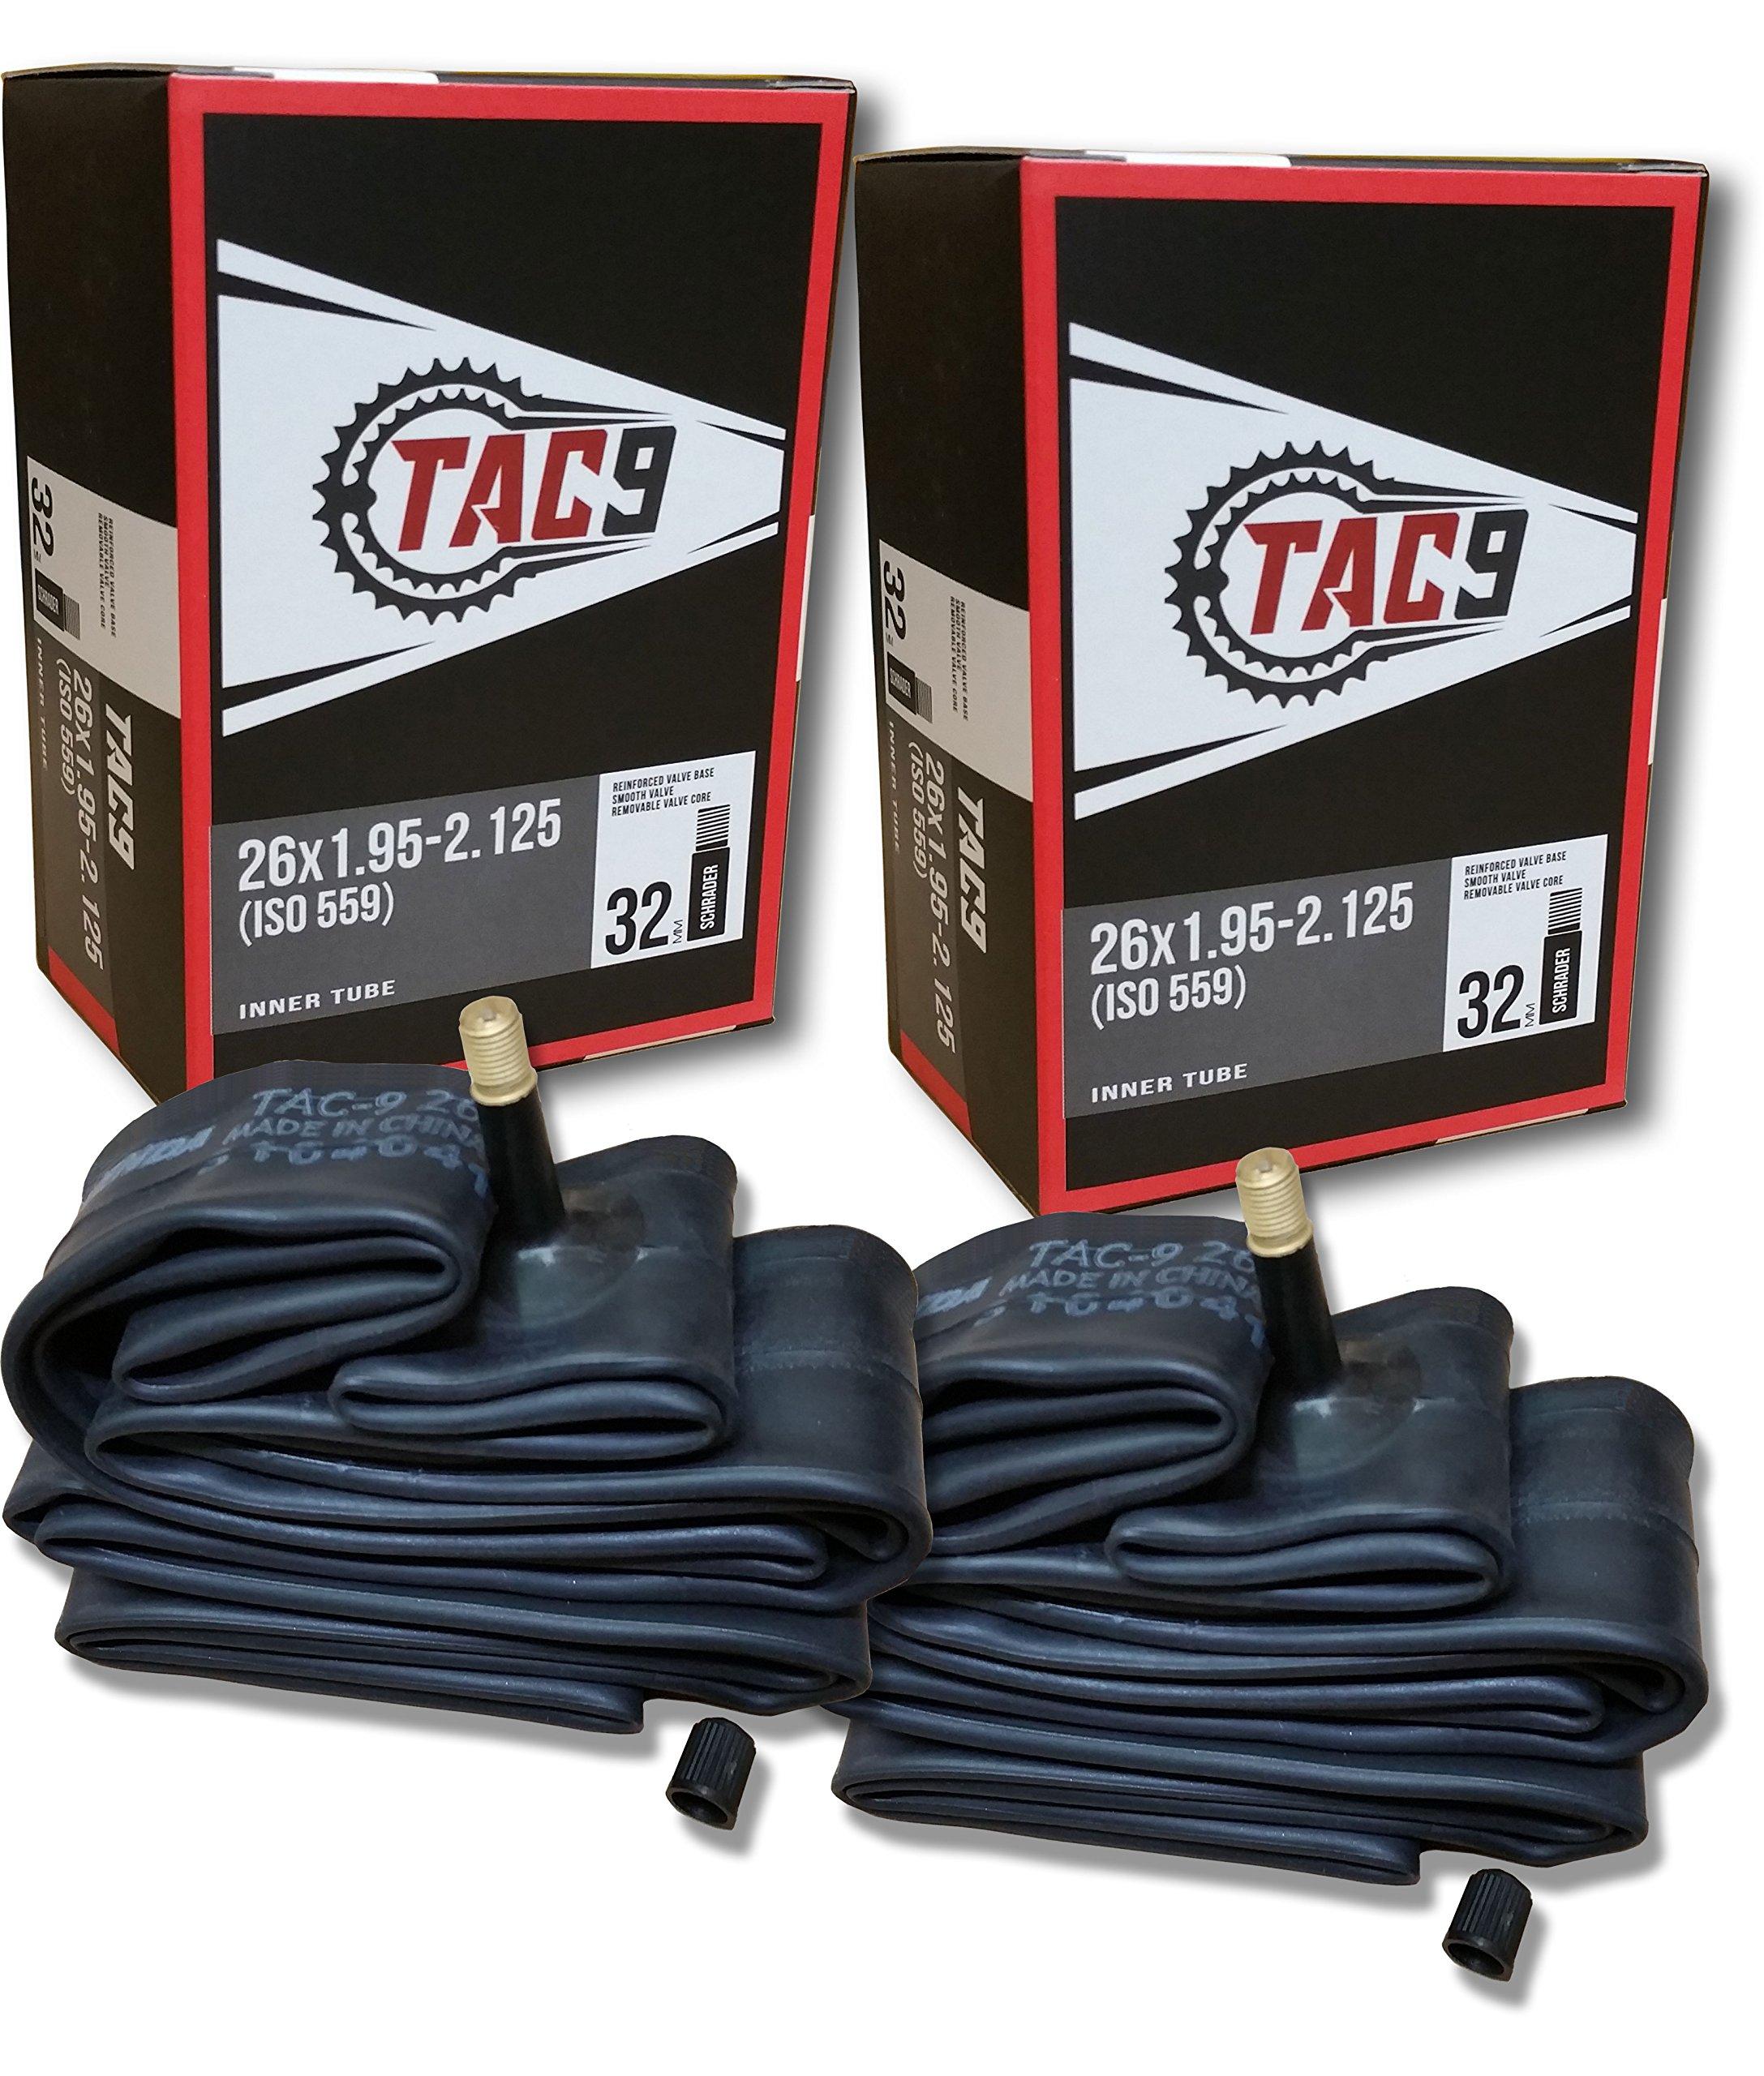 TAC 9 2 Pack Bike Tubes, 26 x 1.95-2.125'' Regular Valve 32mm - 2 Tubes ONLY Bundle